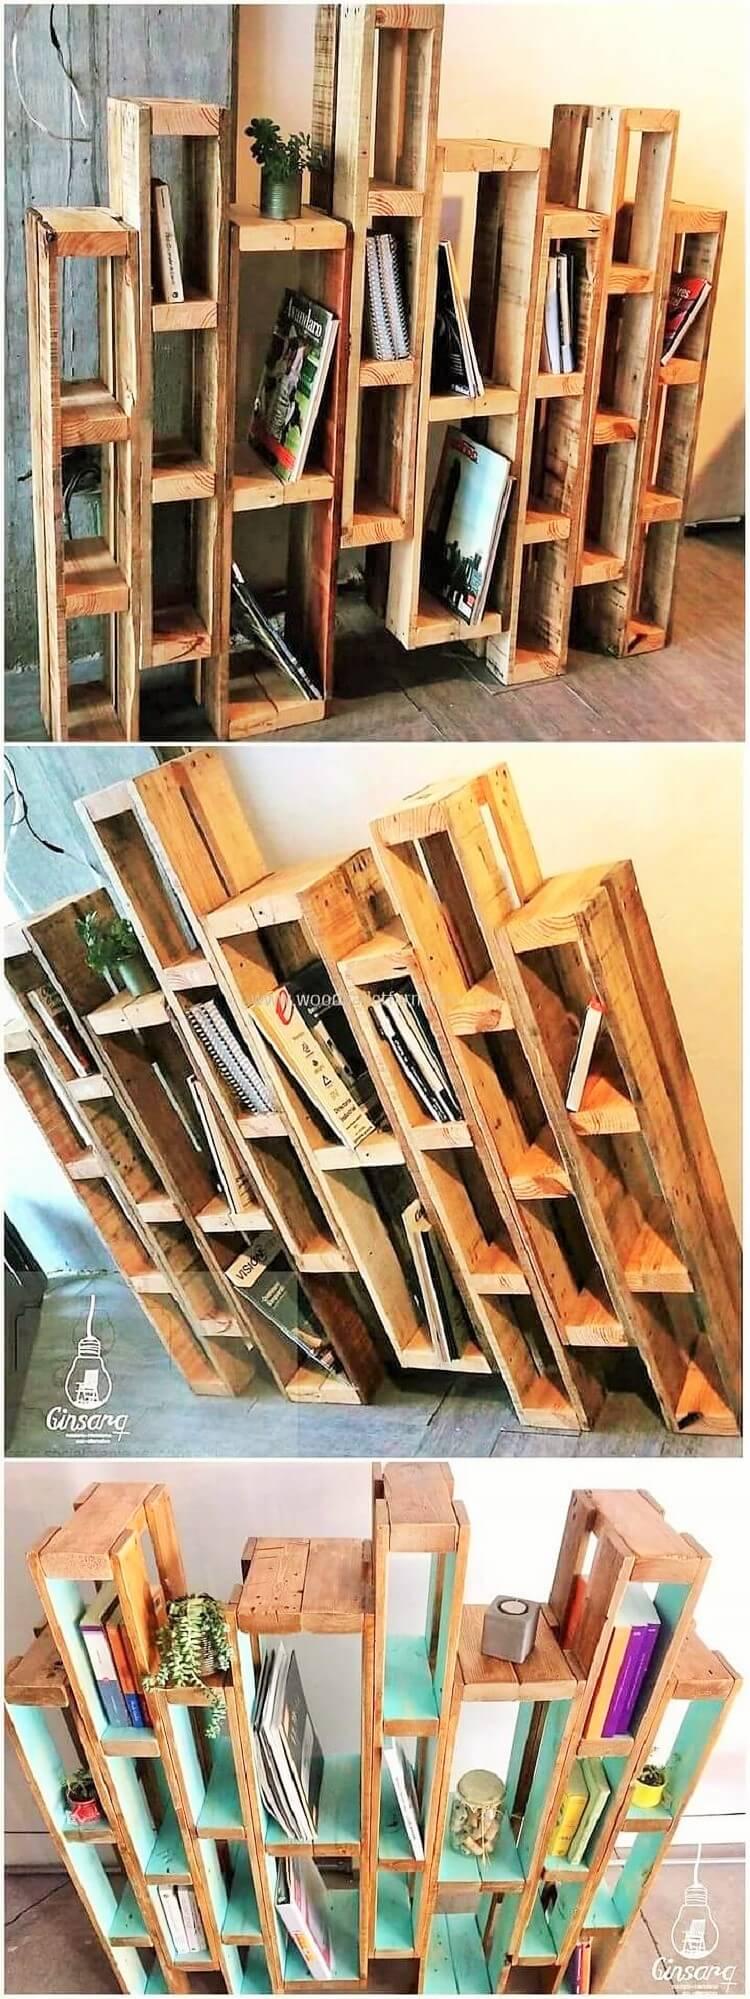 wooden pallets books case